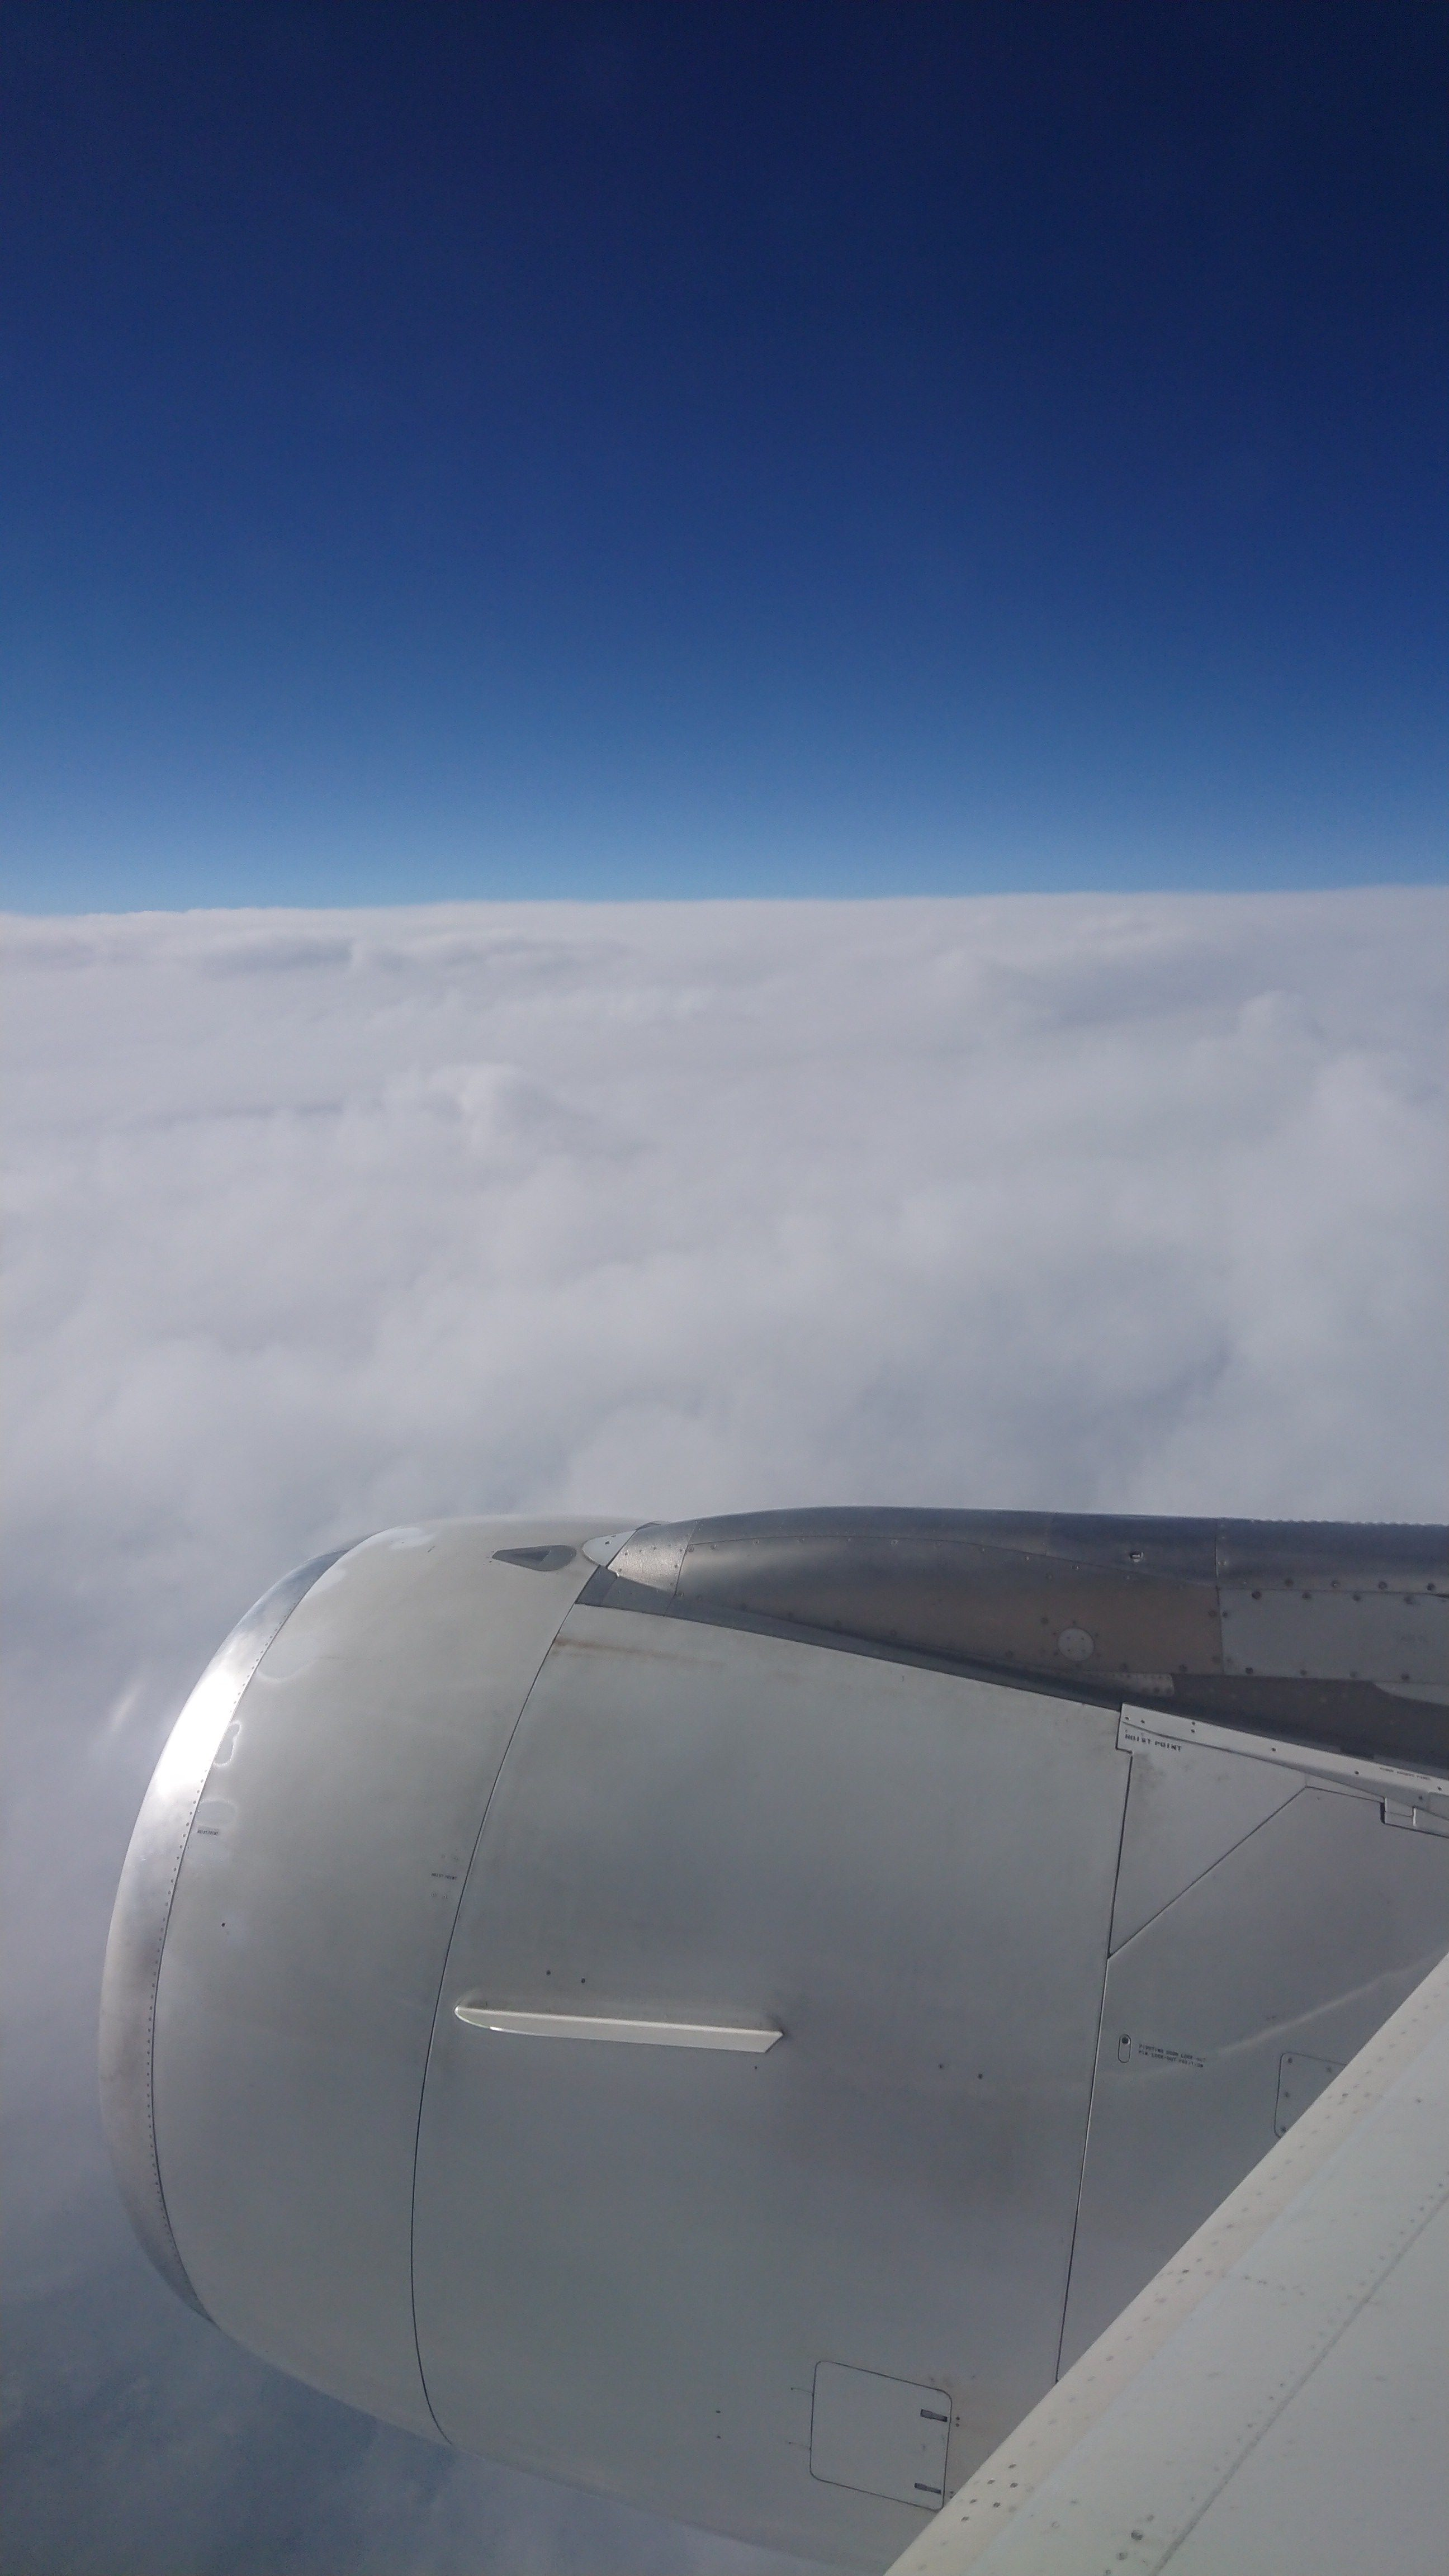 【セブ島留学】魅惑の航空写真★【0円留学】